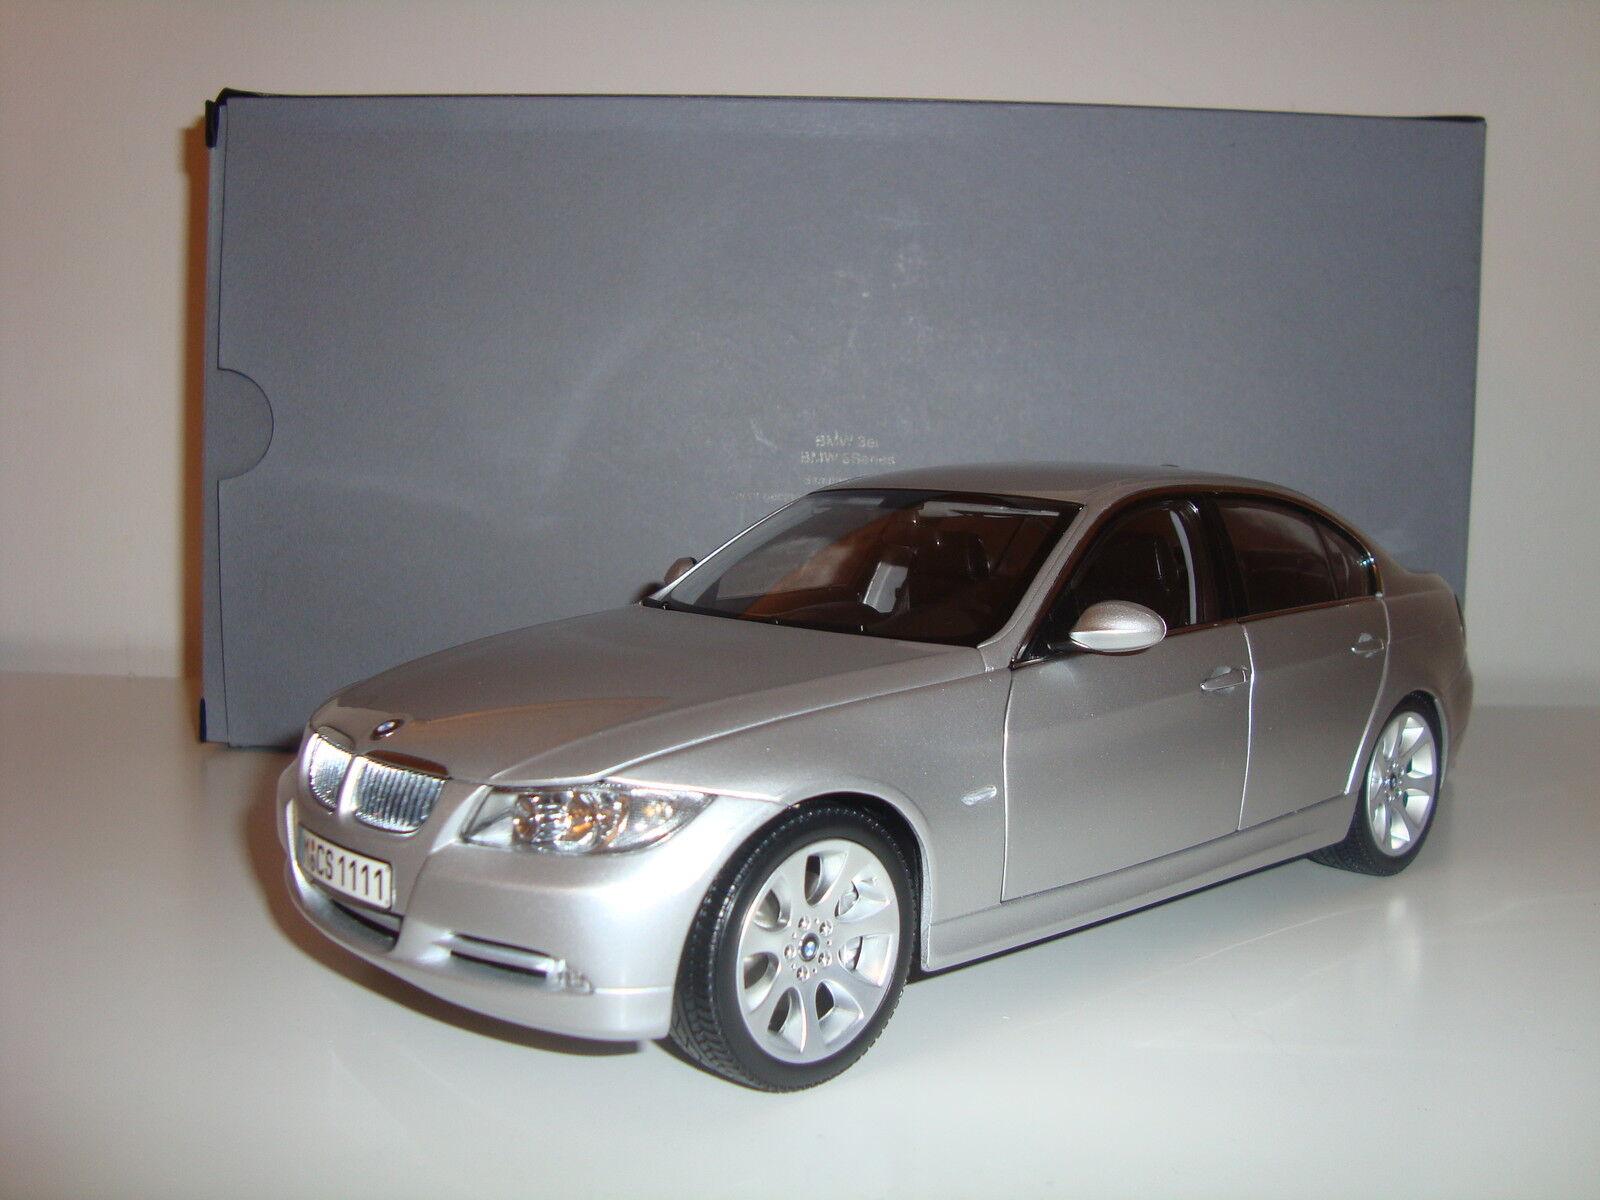 BMW 3er BERLINA e90 ARGENTO METALLIZZATO METALLIZZATO METALLIZZATO spacciatori molto raro 1:18 39f805